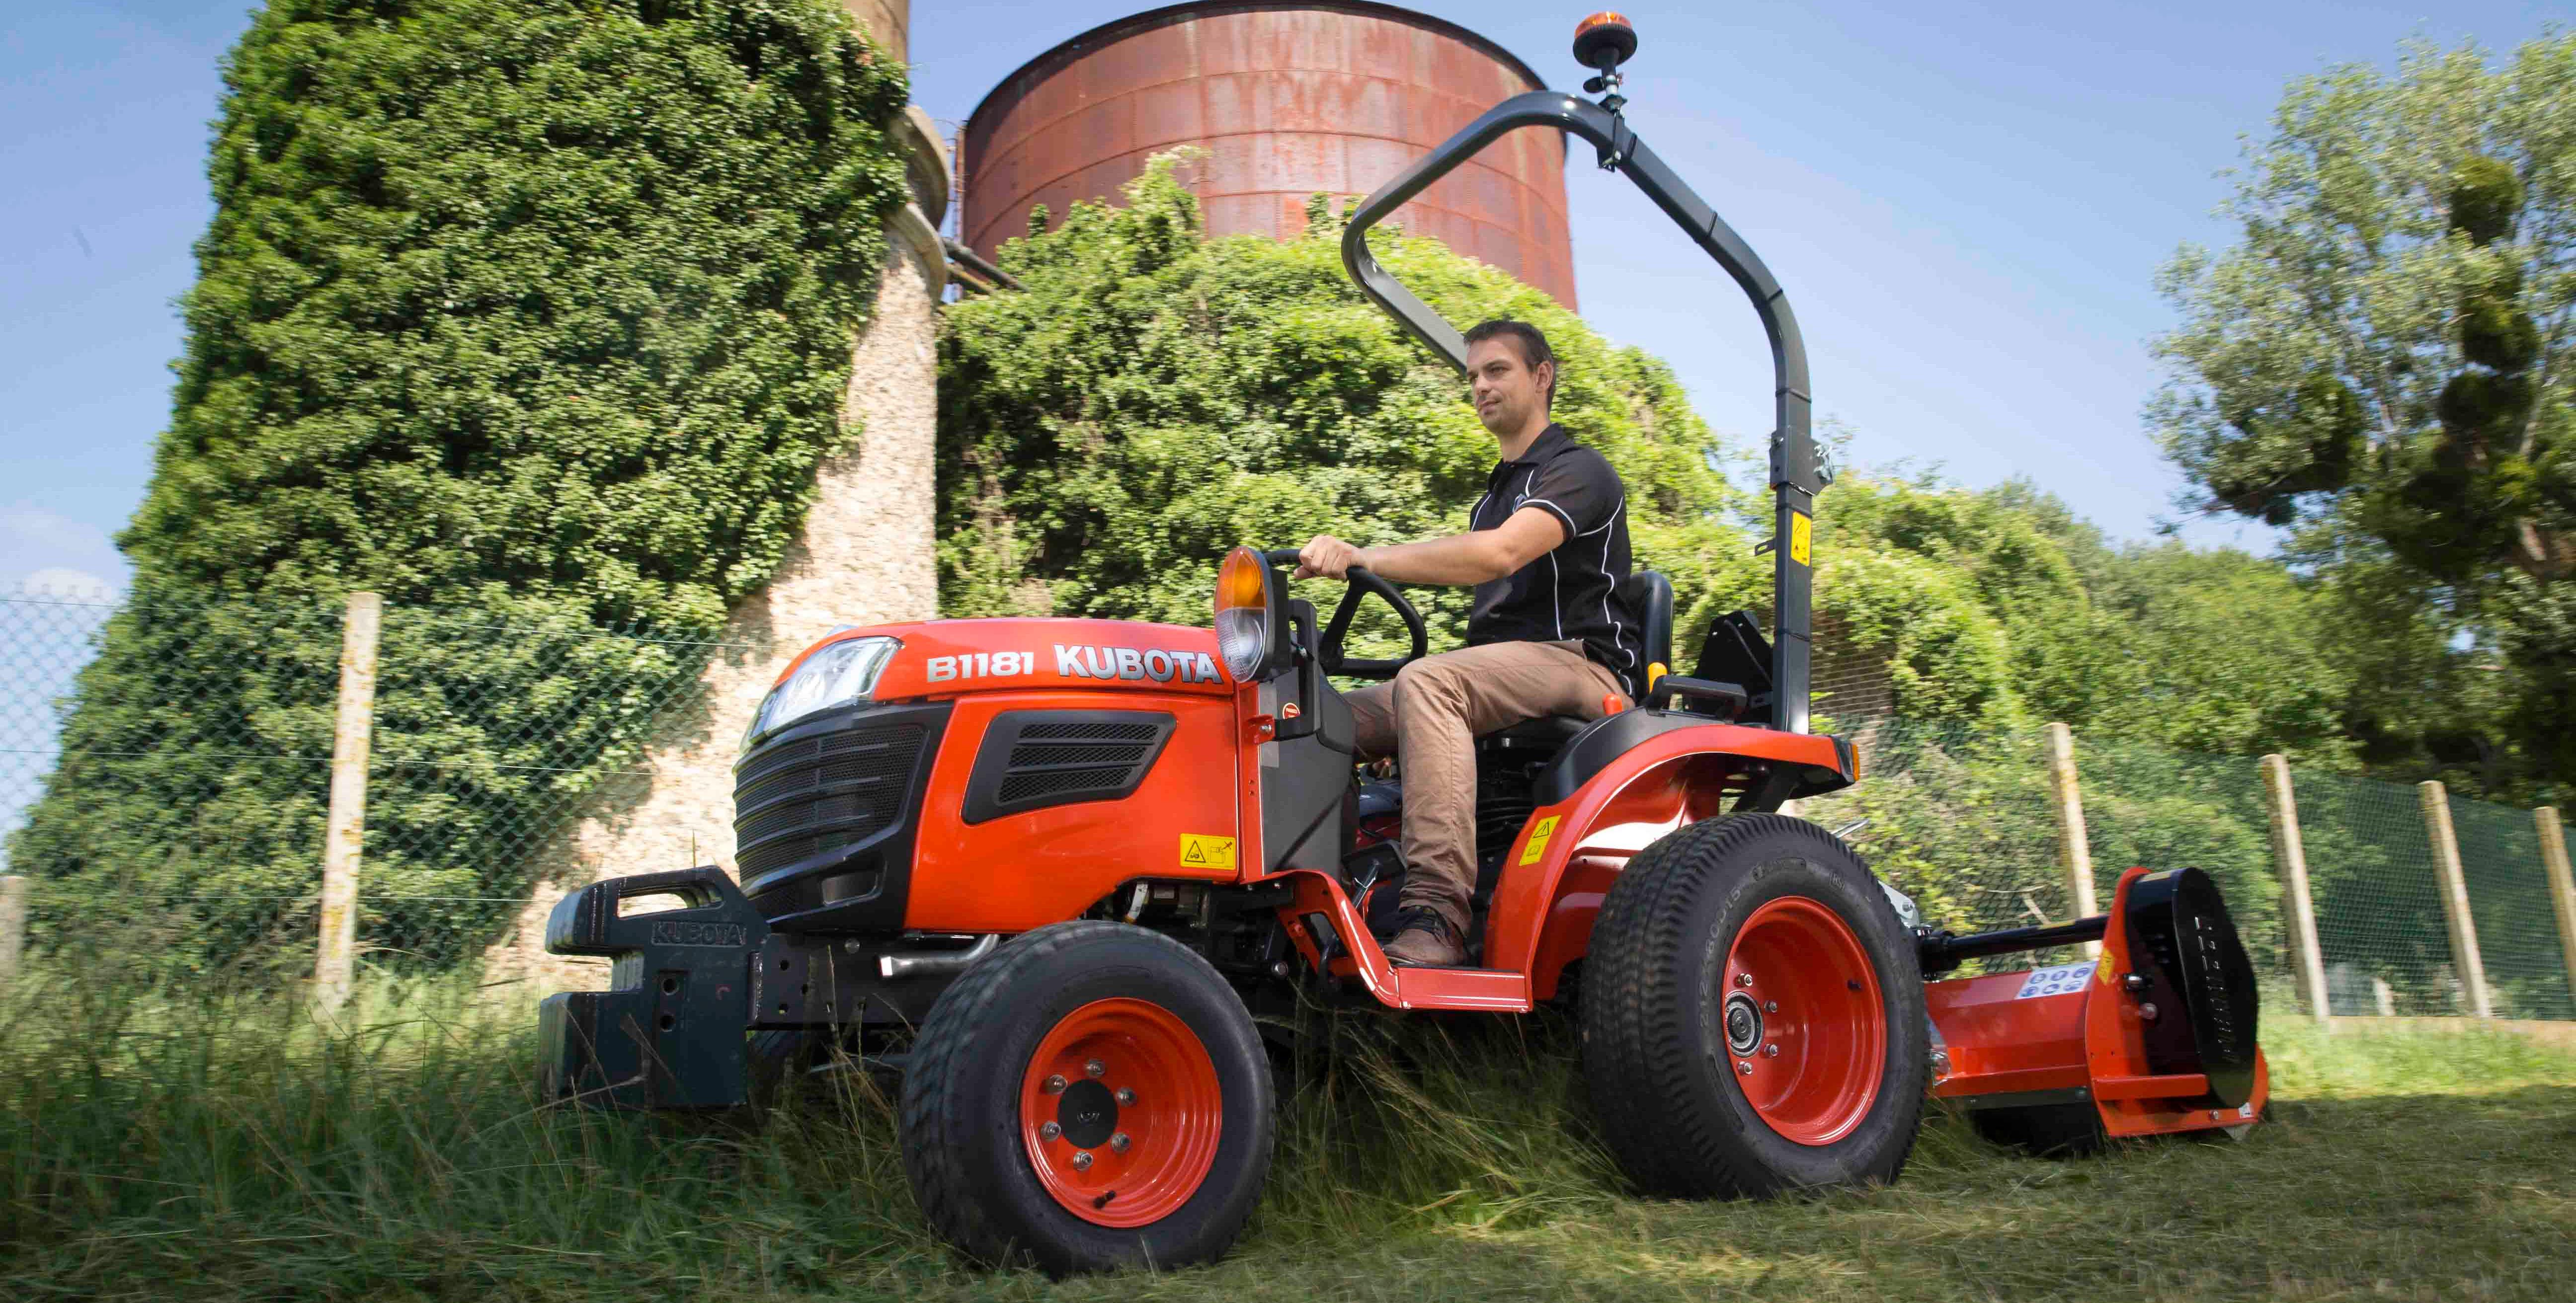 Kubota Tractor Rear View Mirror : Tractors kubota b